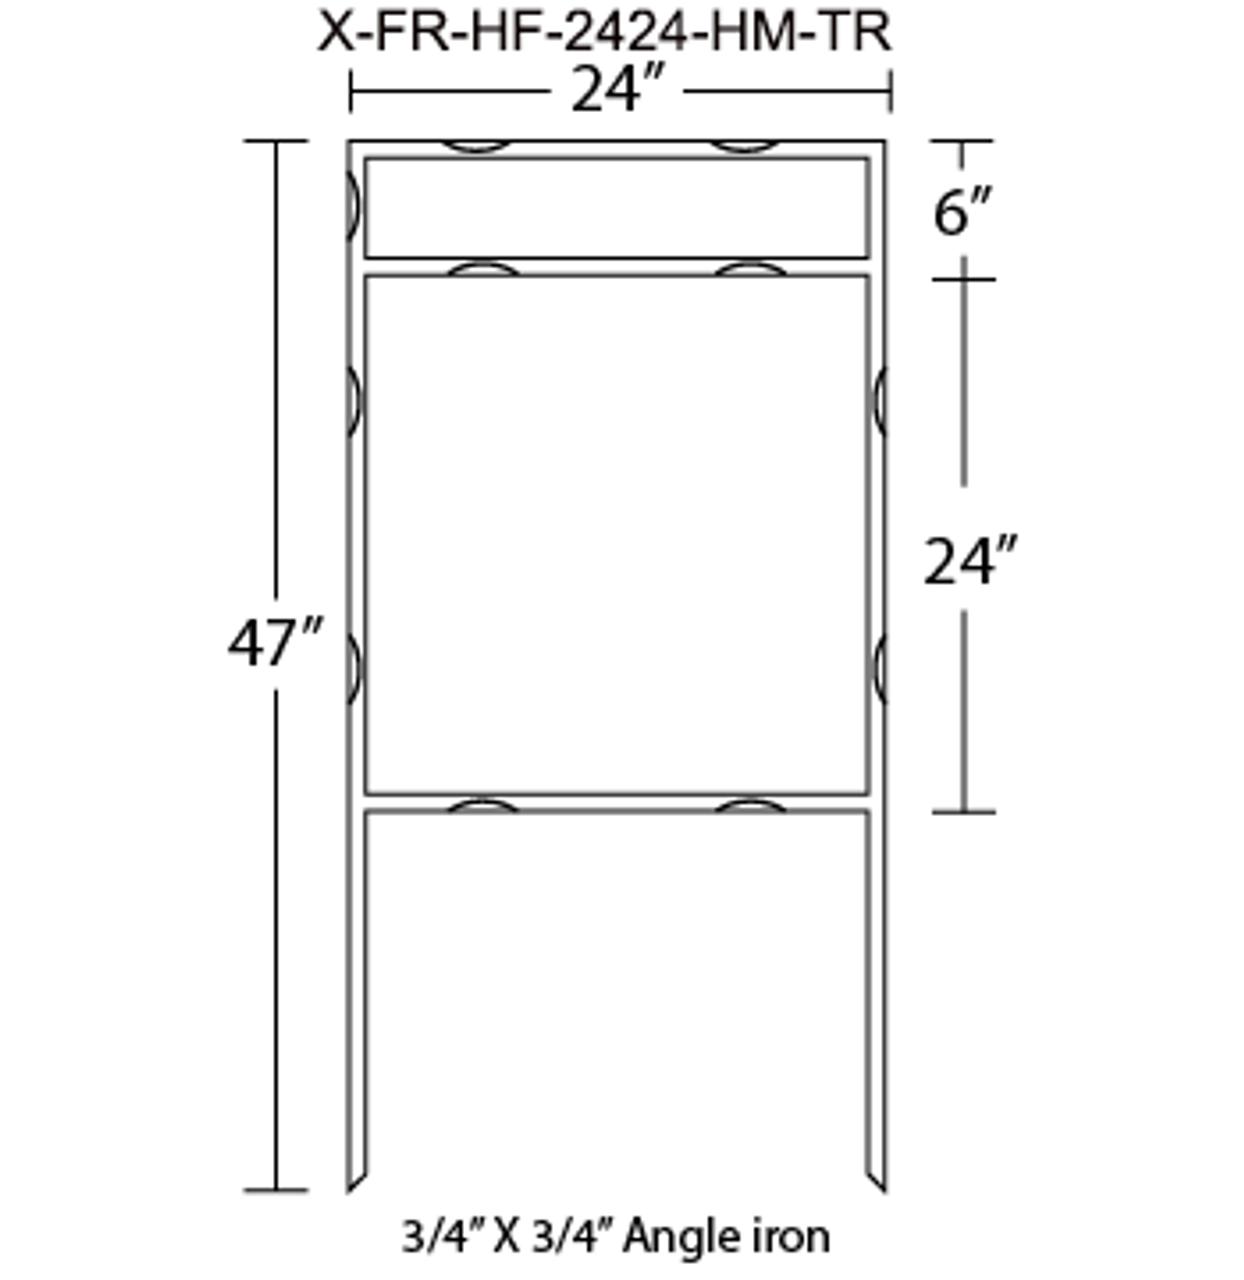 X-FR-HF-2424-HM-TR